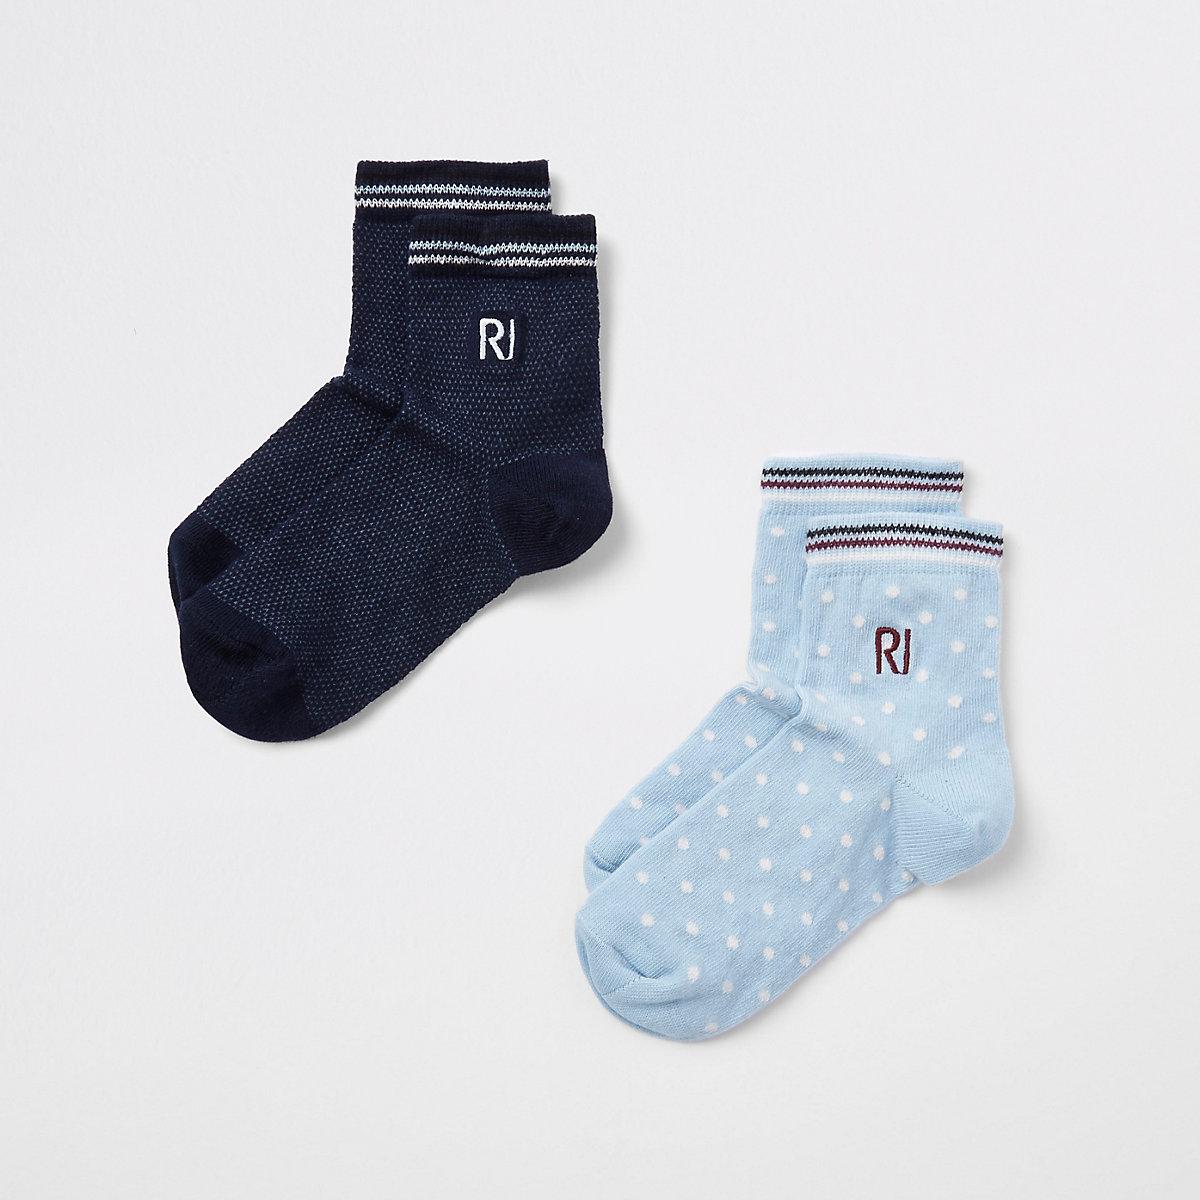 Lot de chaussettes à pois bleu marine «RI» brodé pour garçon